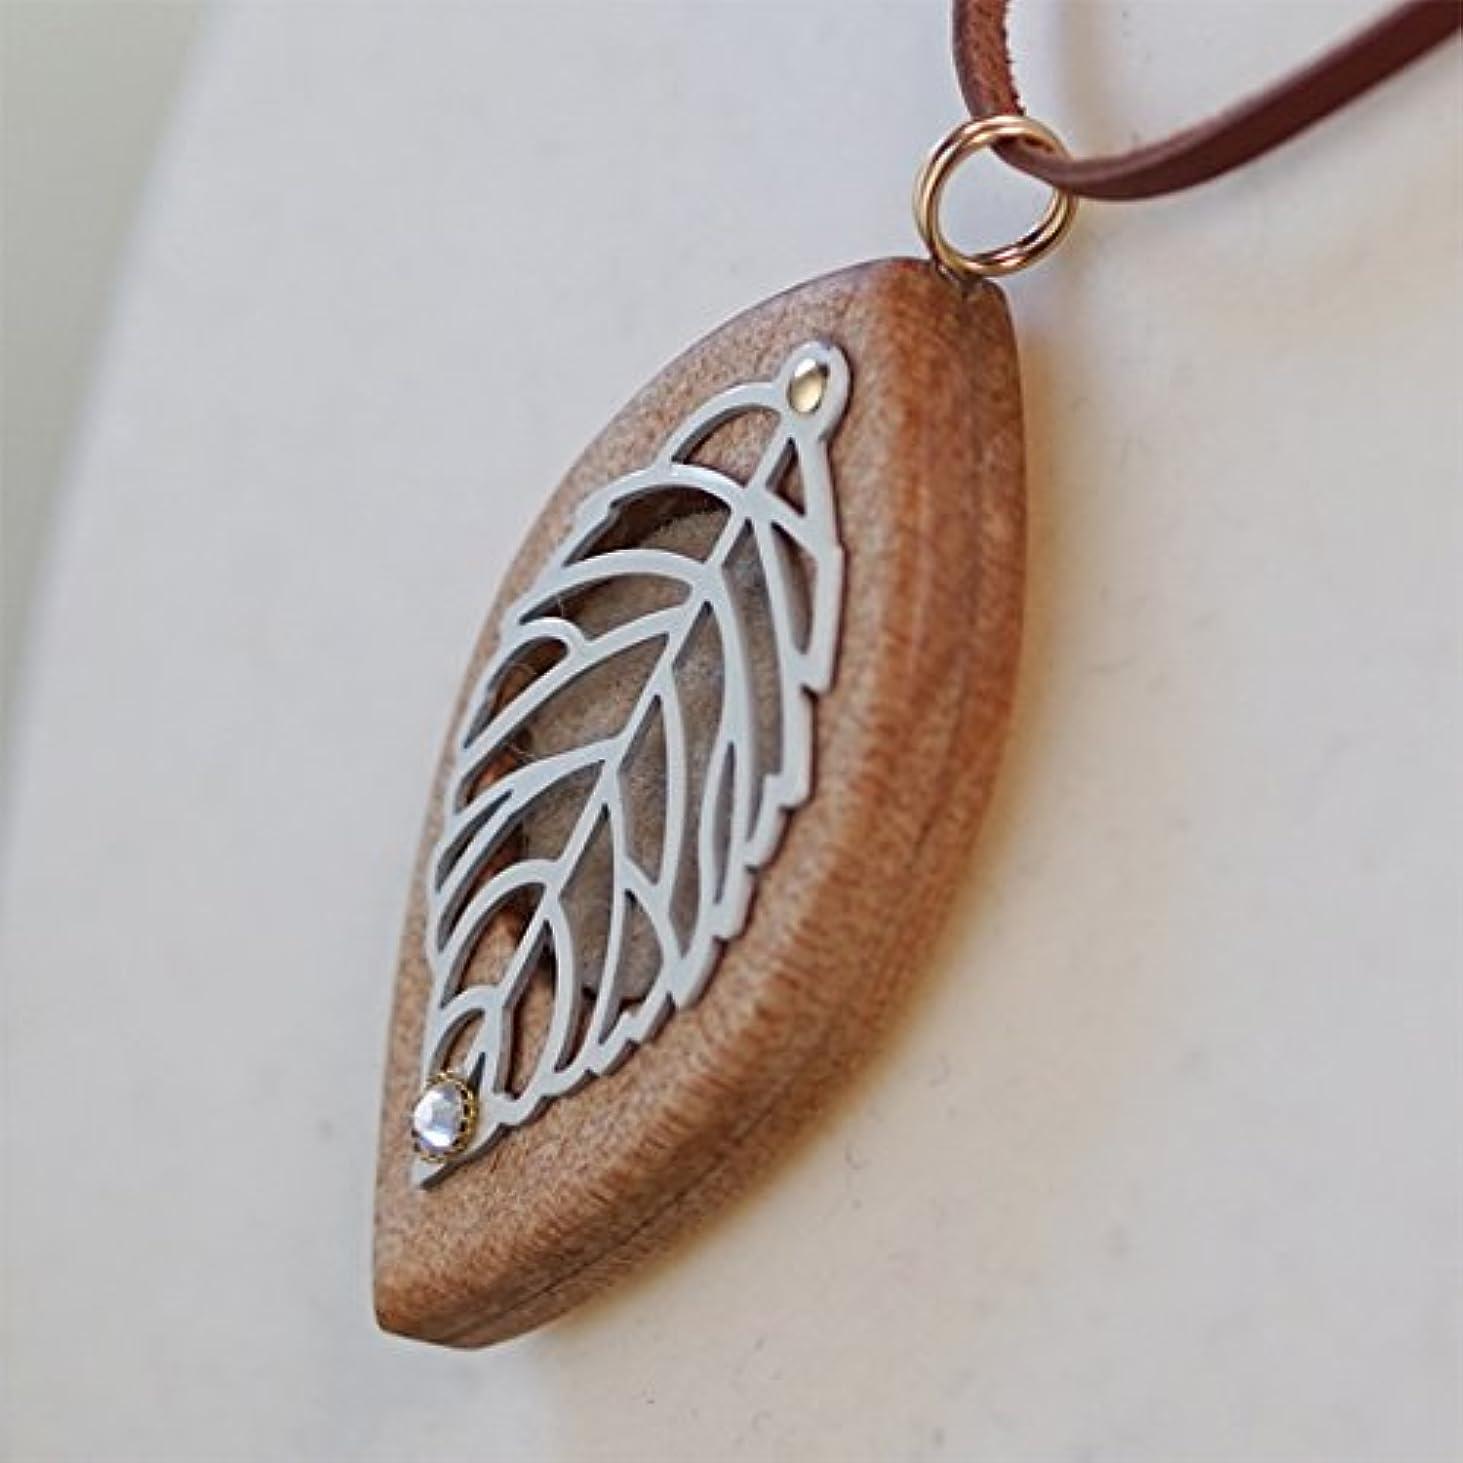 再発するアーサーコナンドイル上がる木製オリジナルアロマペンダント 【天使の小瓶】 木の葉(シルバー)